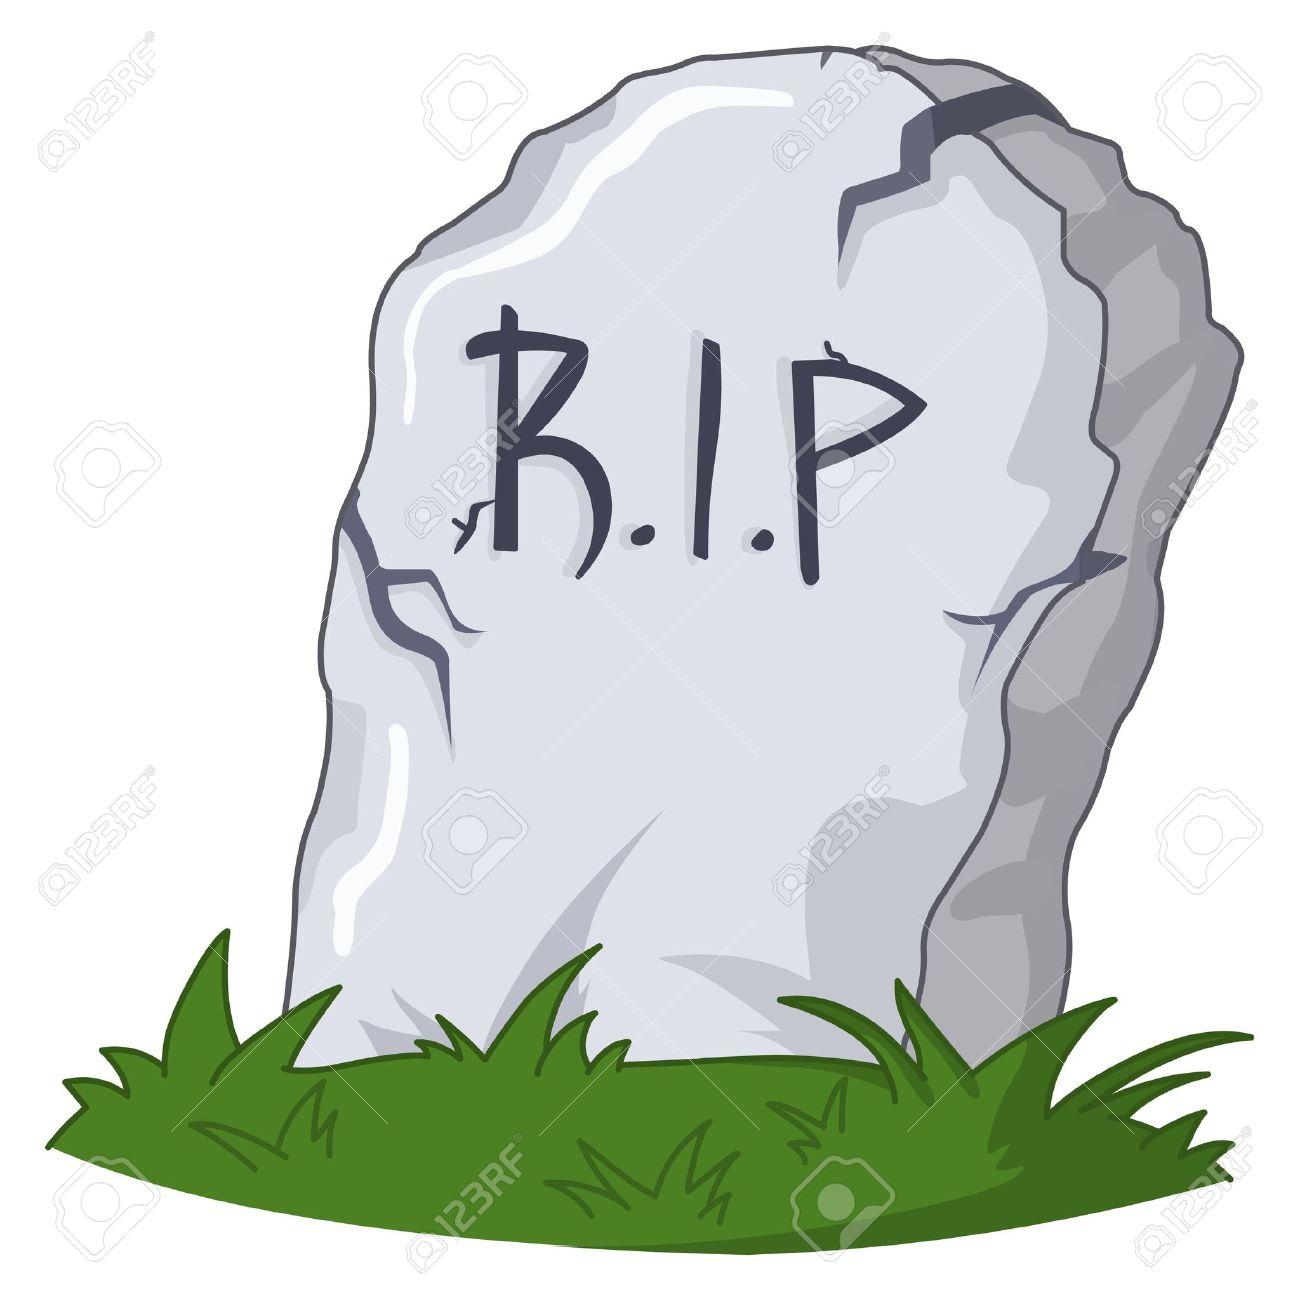 Tombstone - 10870487